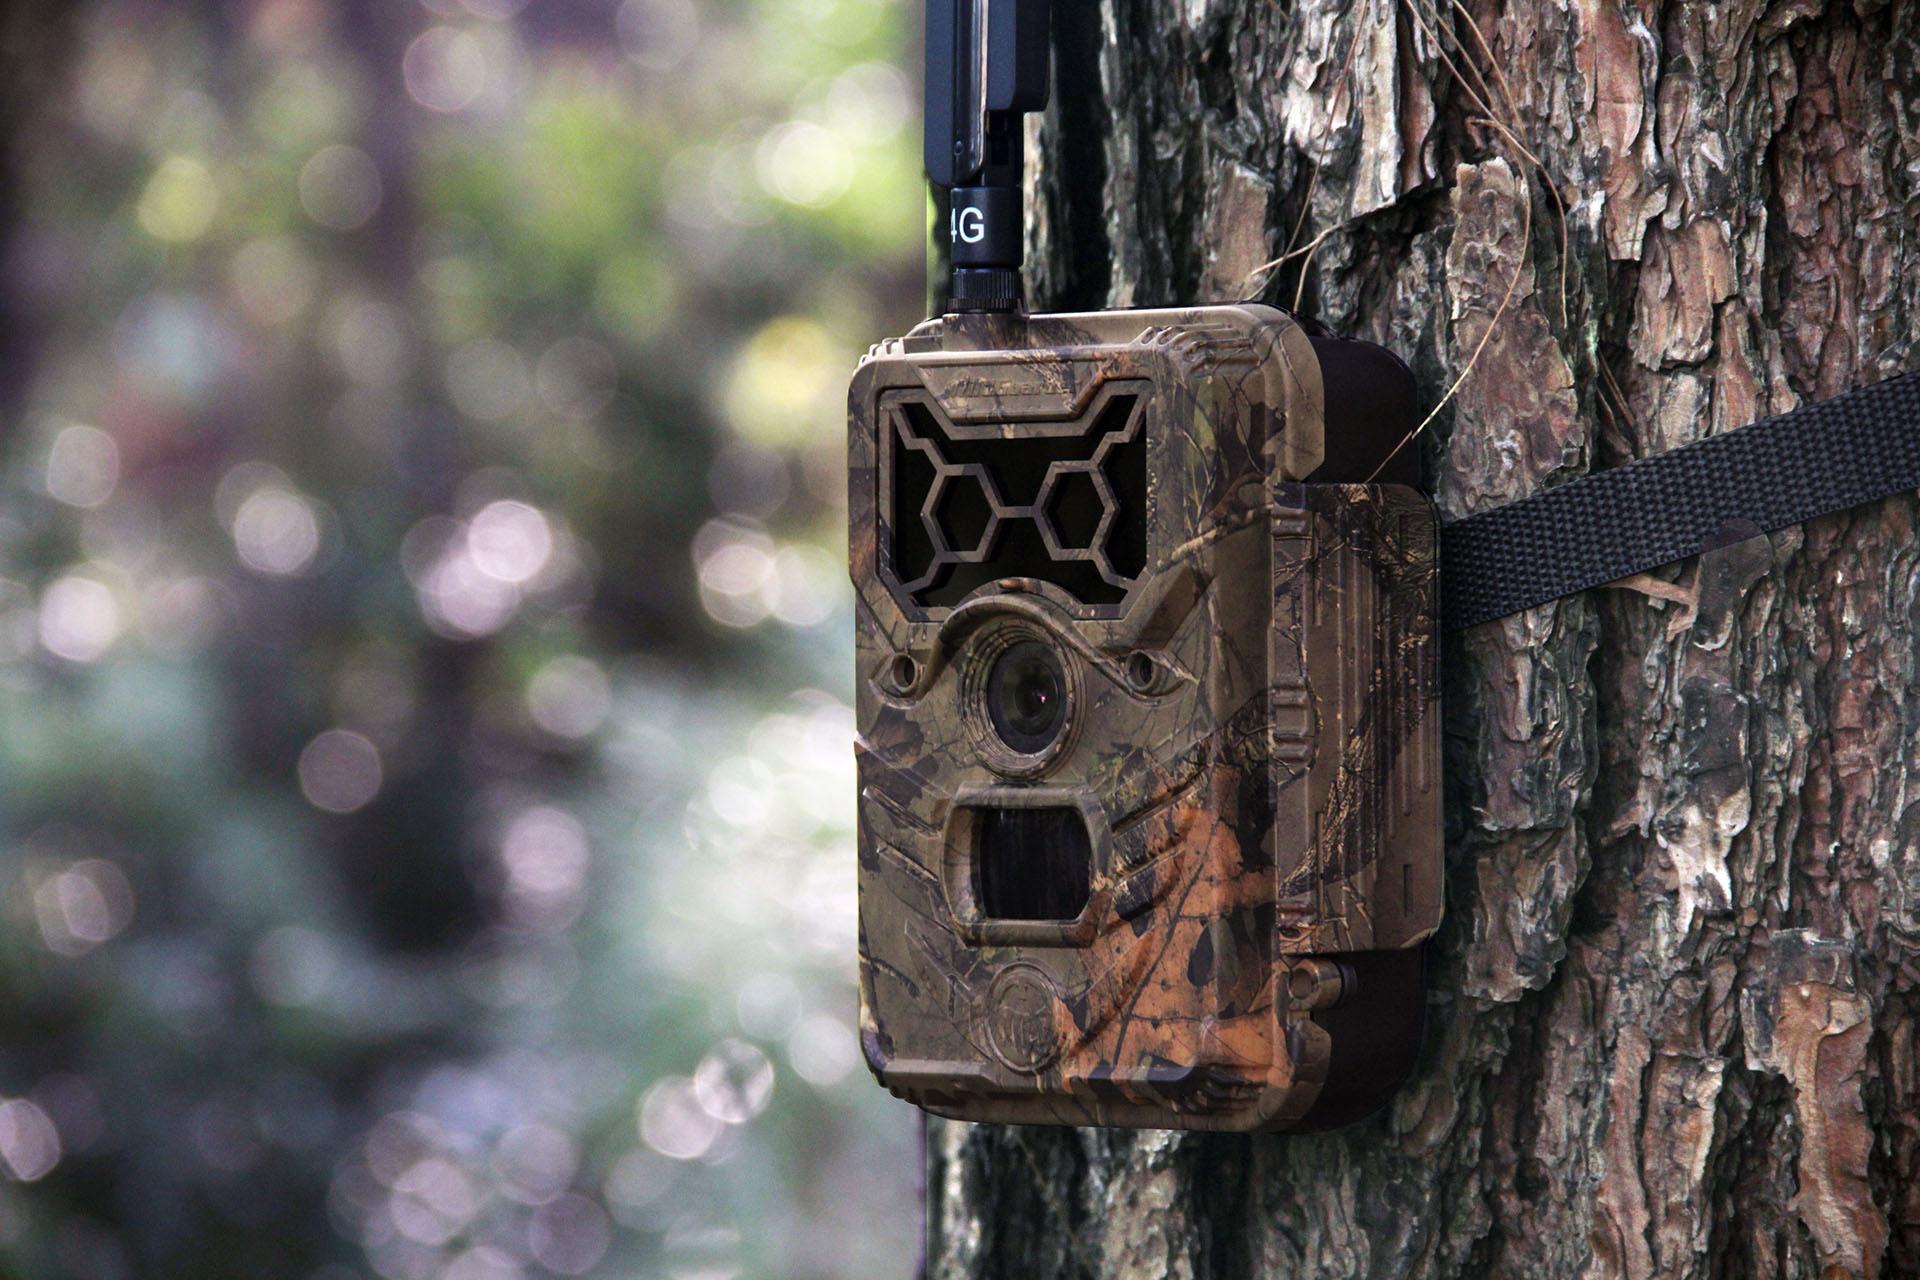 WildGuarder 4G Wireless Trail Camera Watcher1-4G 1